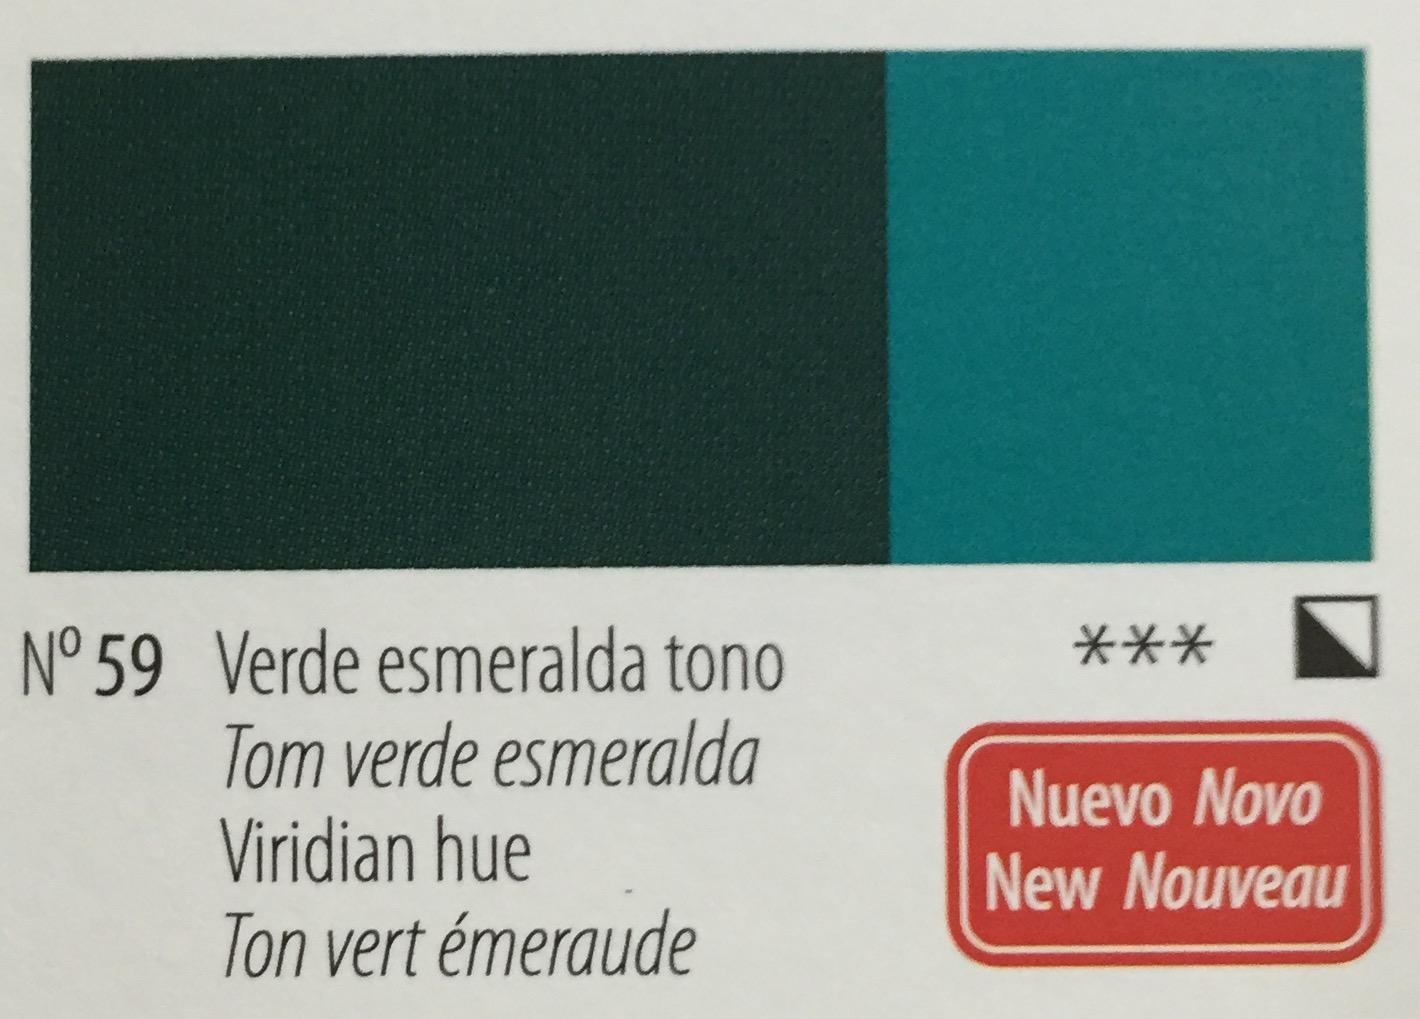 Venta pintura online: Acrílico Titan Goya Verde esmeralda tono nº59